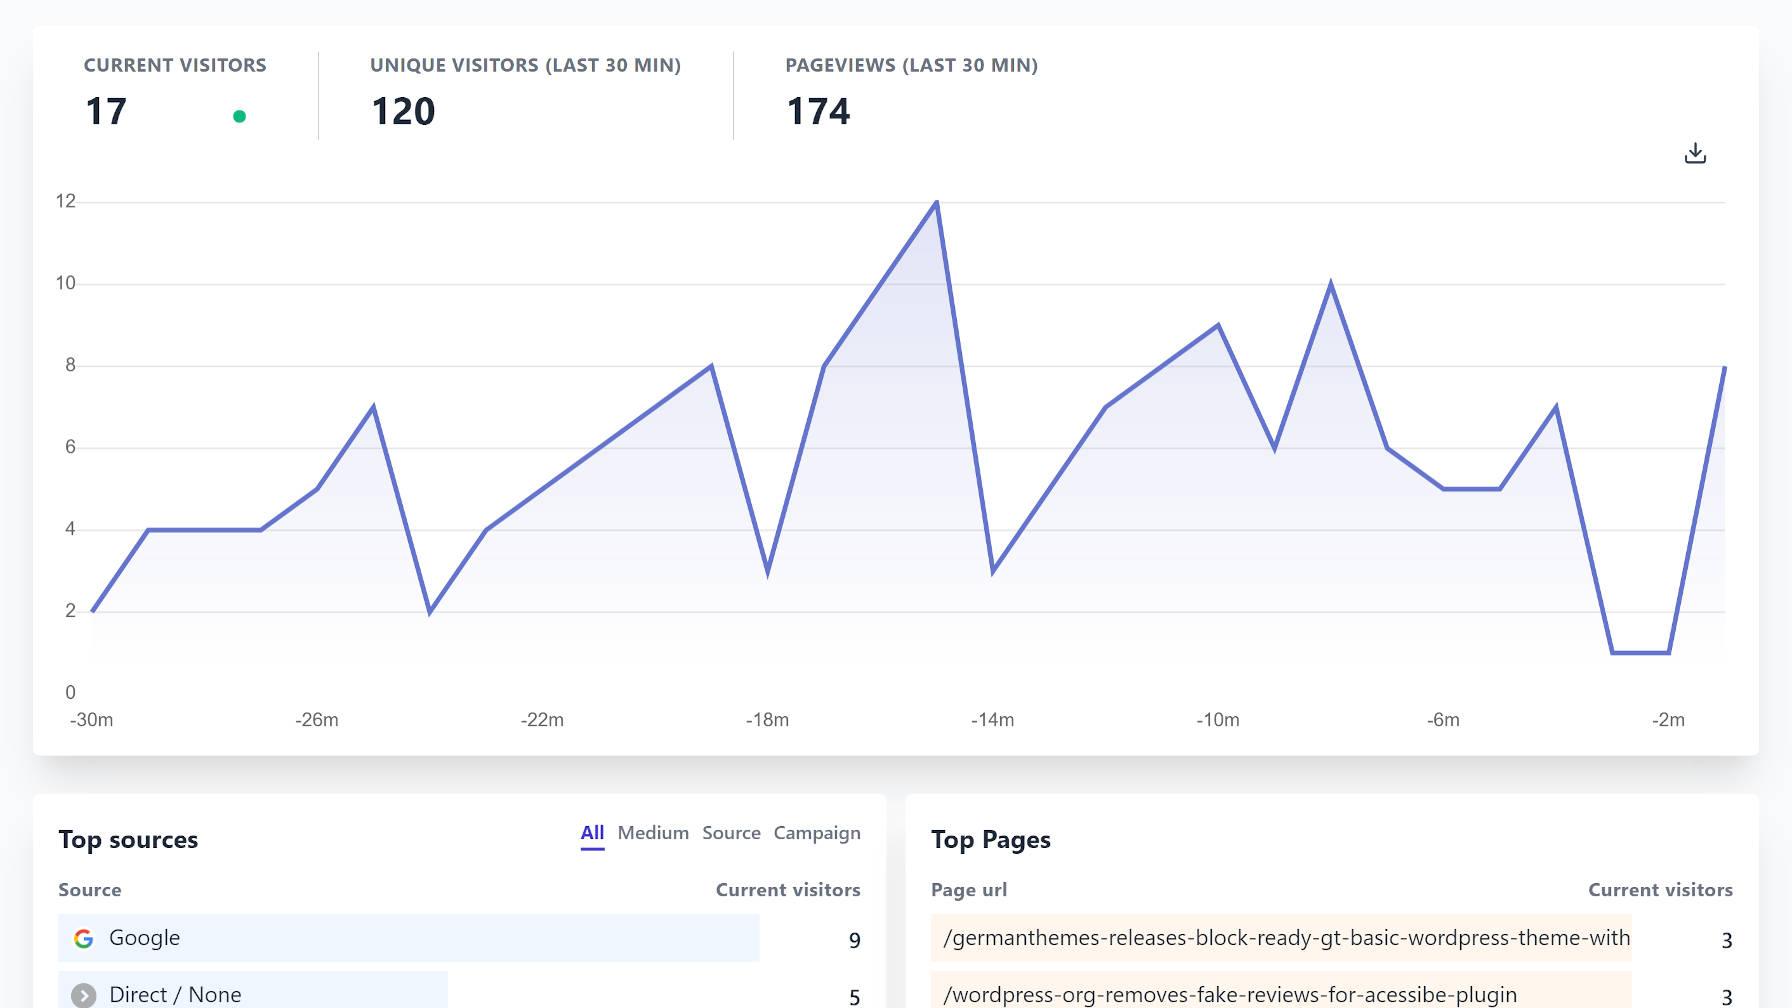 Affichage des statistiques en temps réel du service Plausible Analytics.